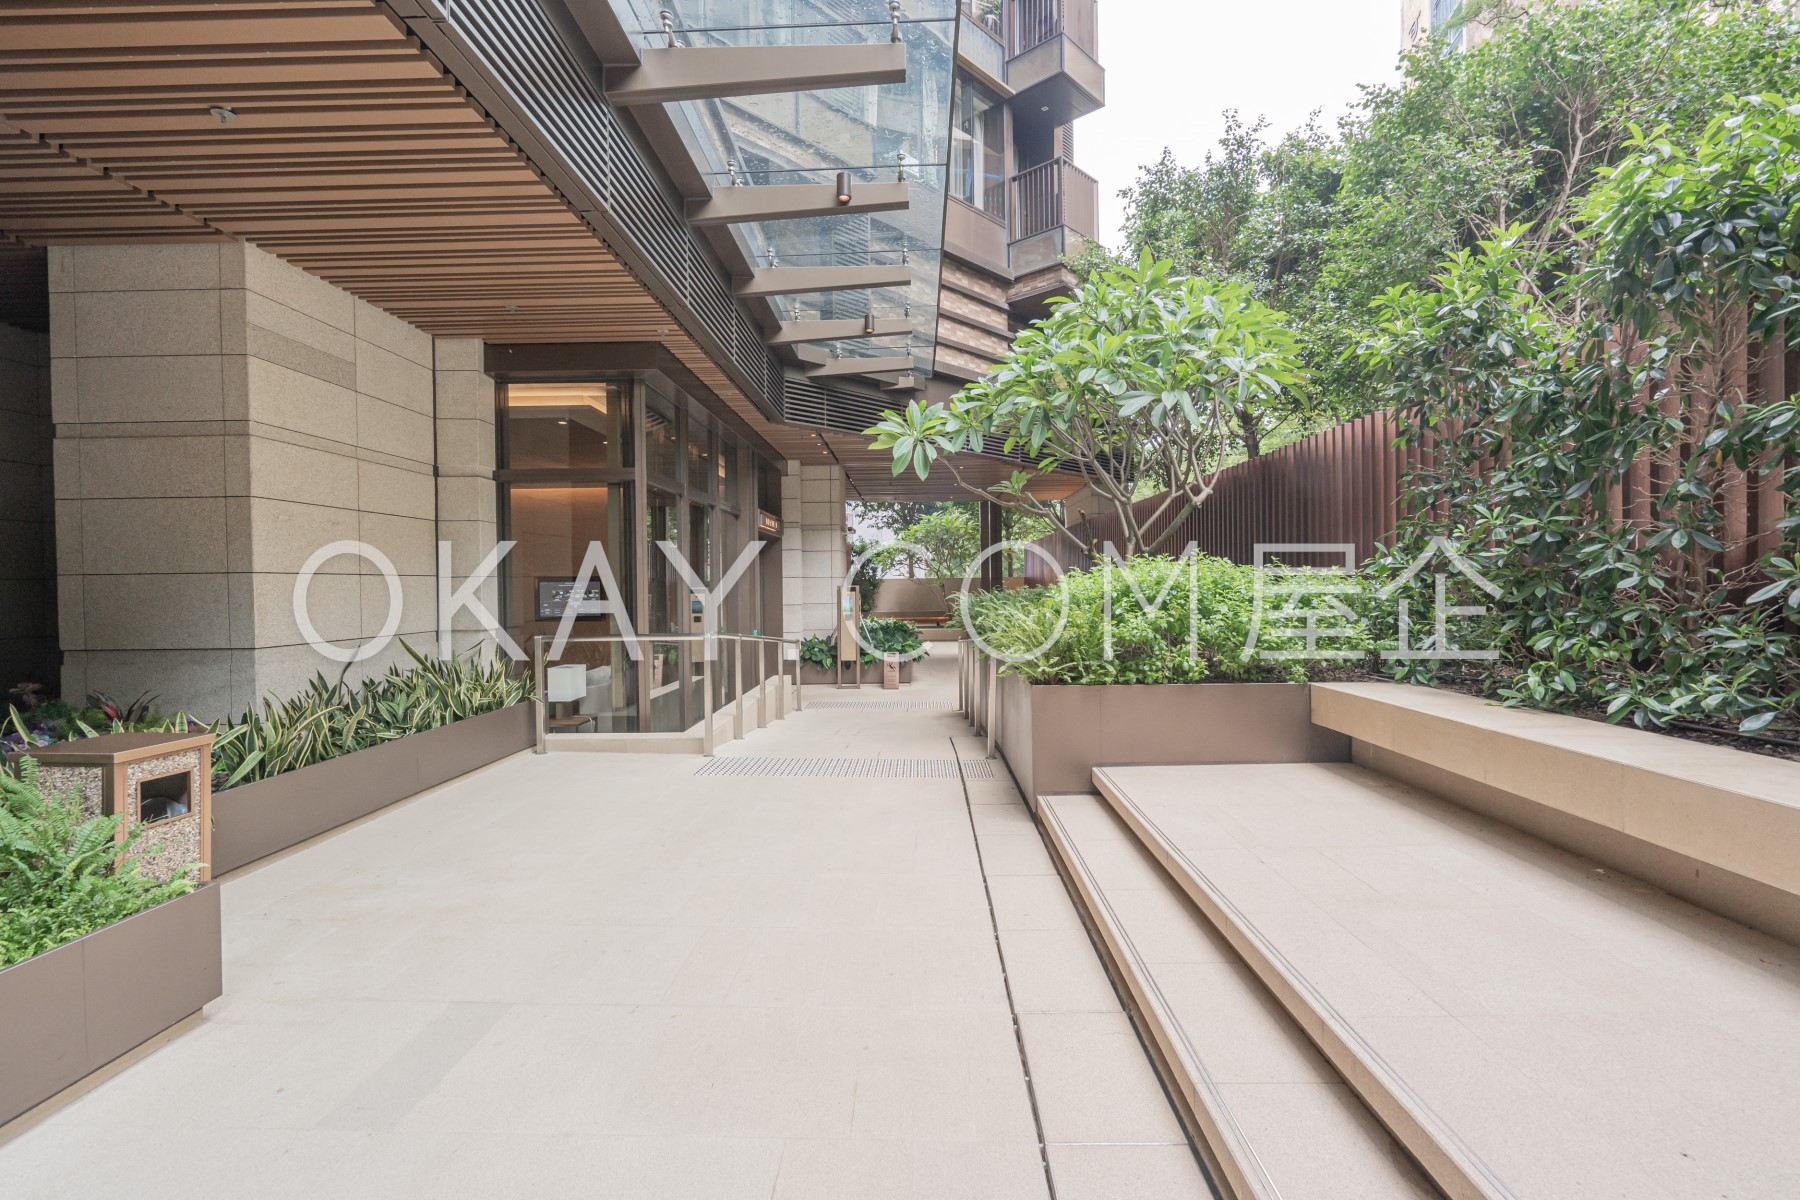 Lobby - Garden